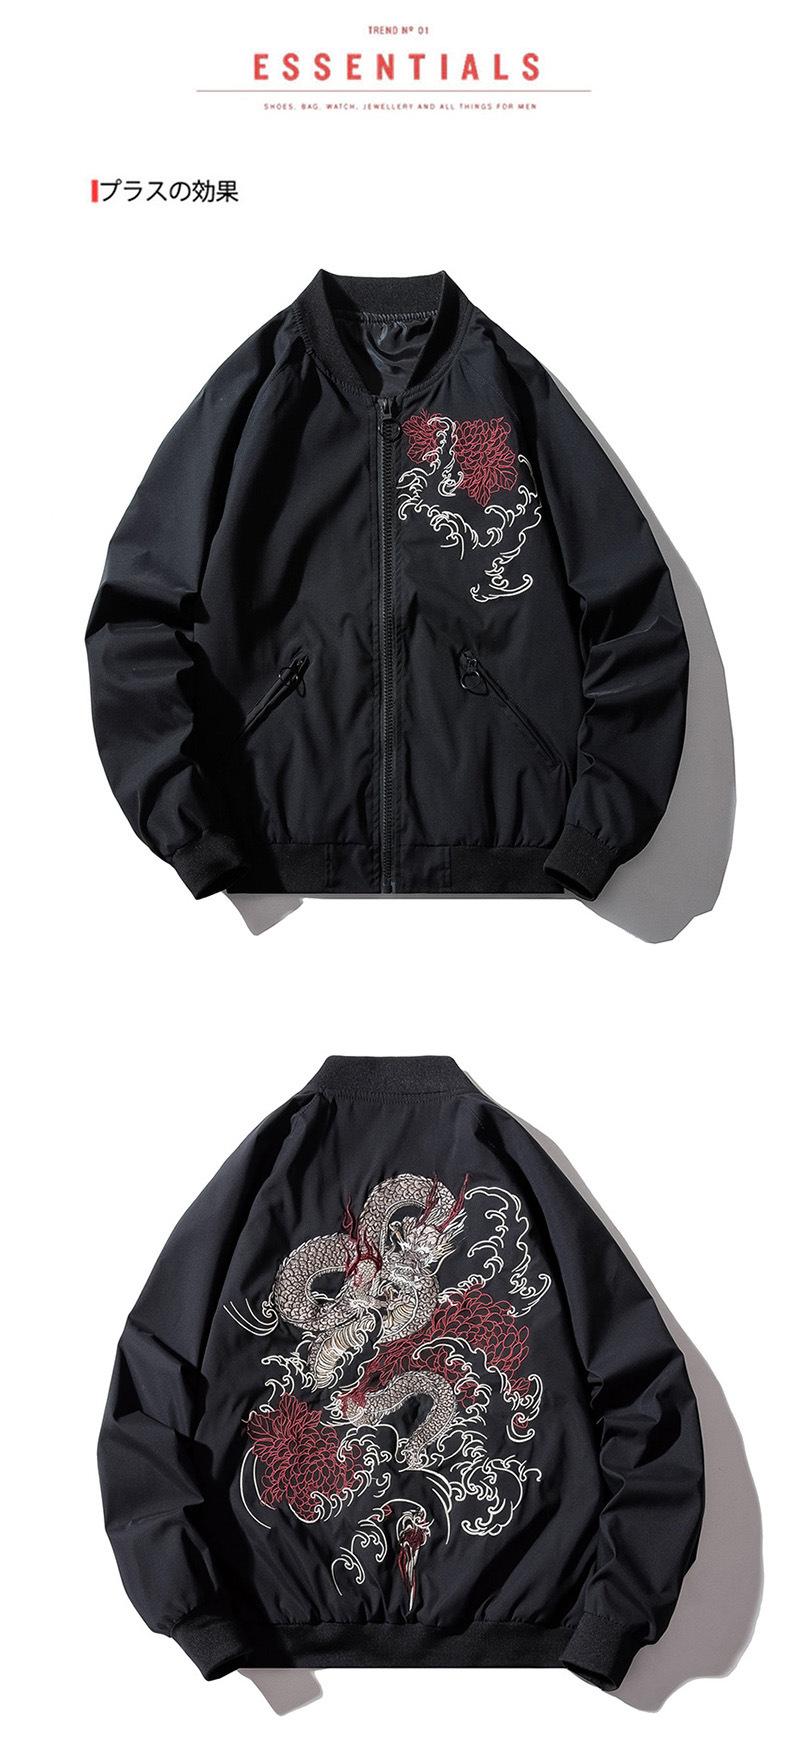 hjkg Bomberjacke,Chinesischer Drache Stickerei Pilot Retro Punk Hip Hop Jugend High Street Hipster Bequem Warm Windbreak Streetwear M/äntel Outwear Frauen M/änner Unisex